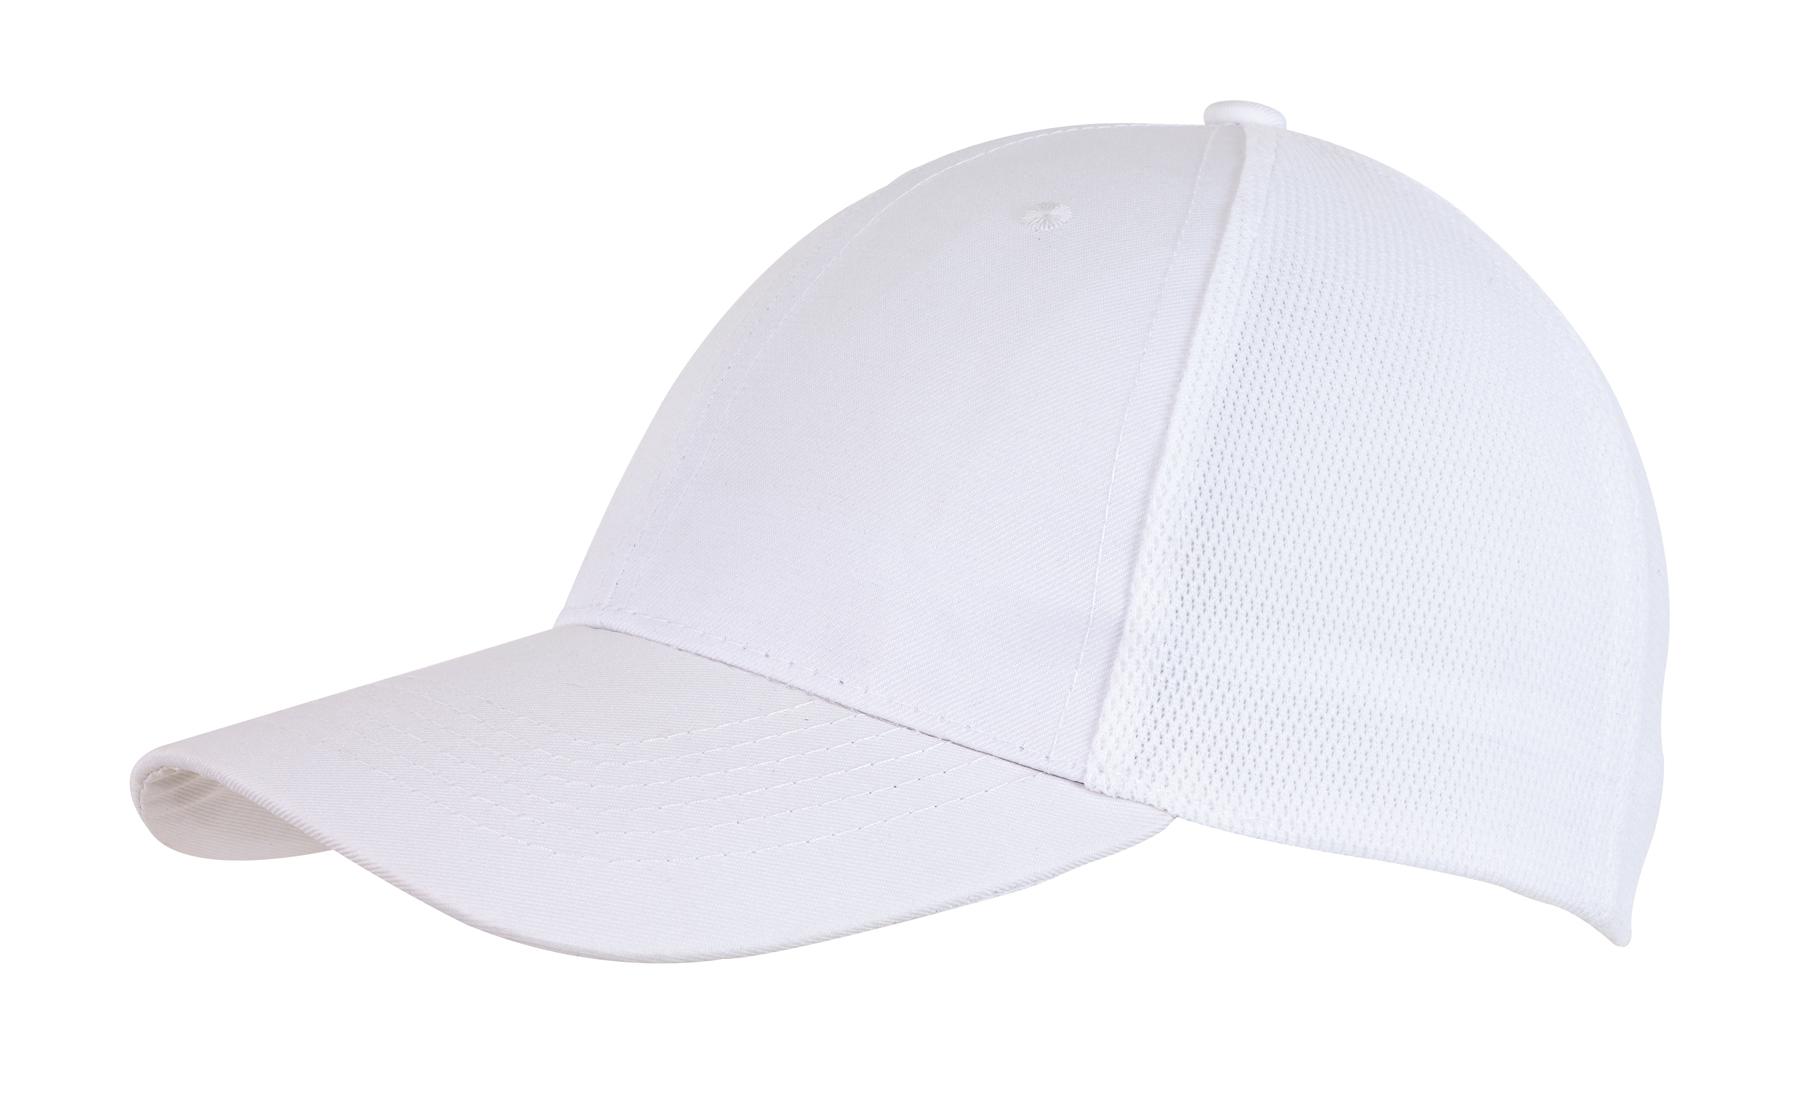 6 segmentowa czapka PITCHER, biały